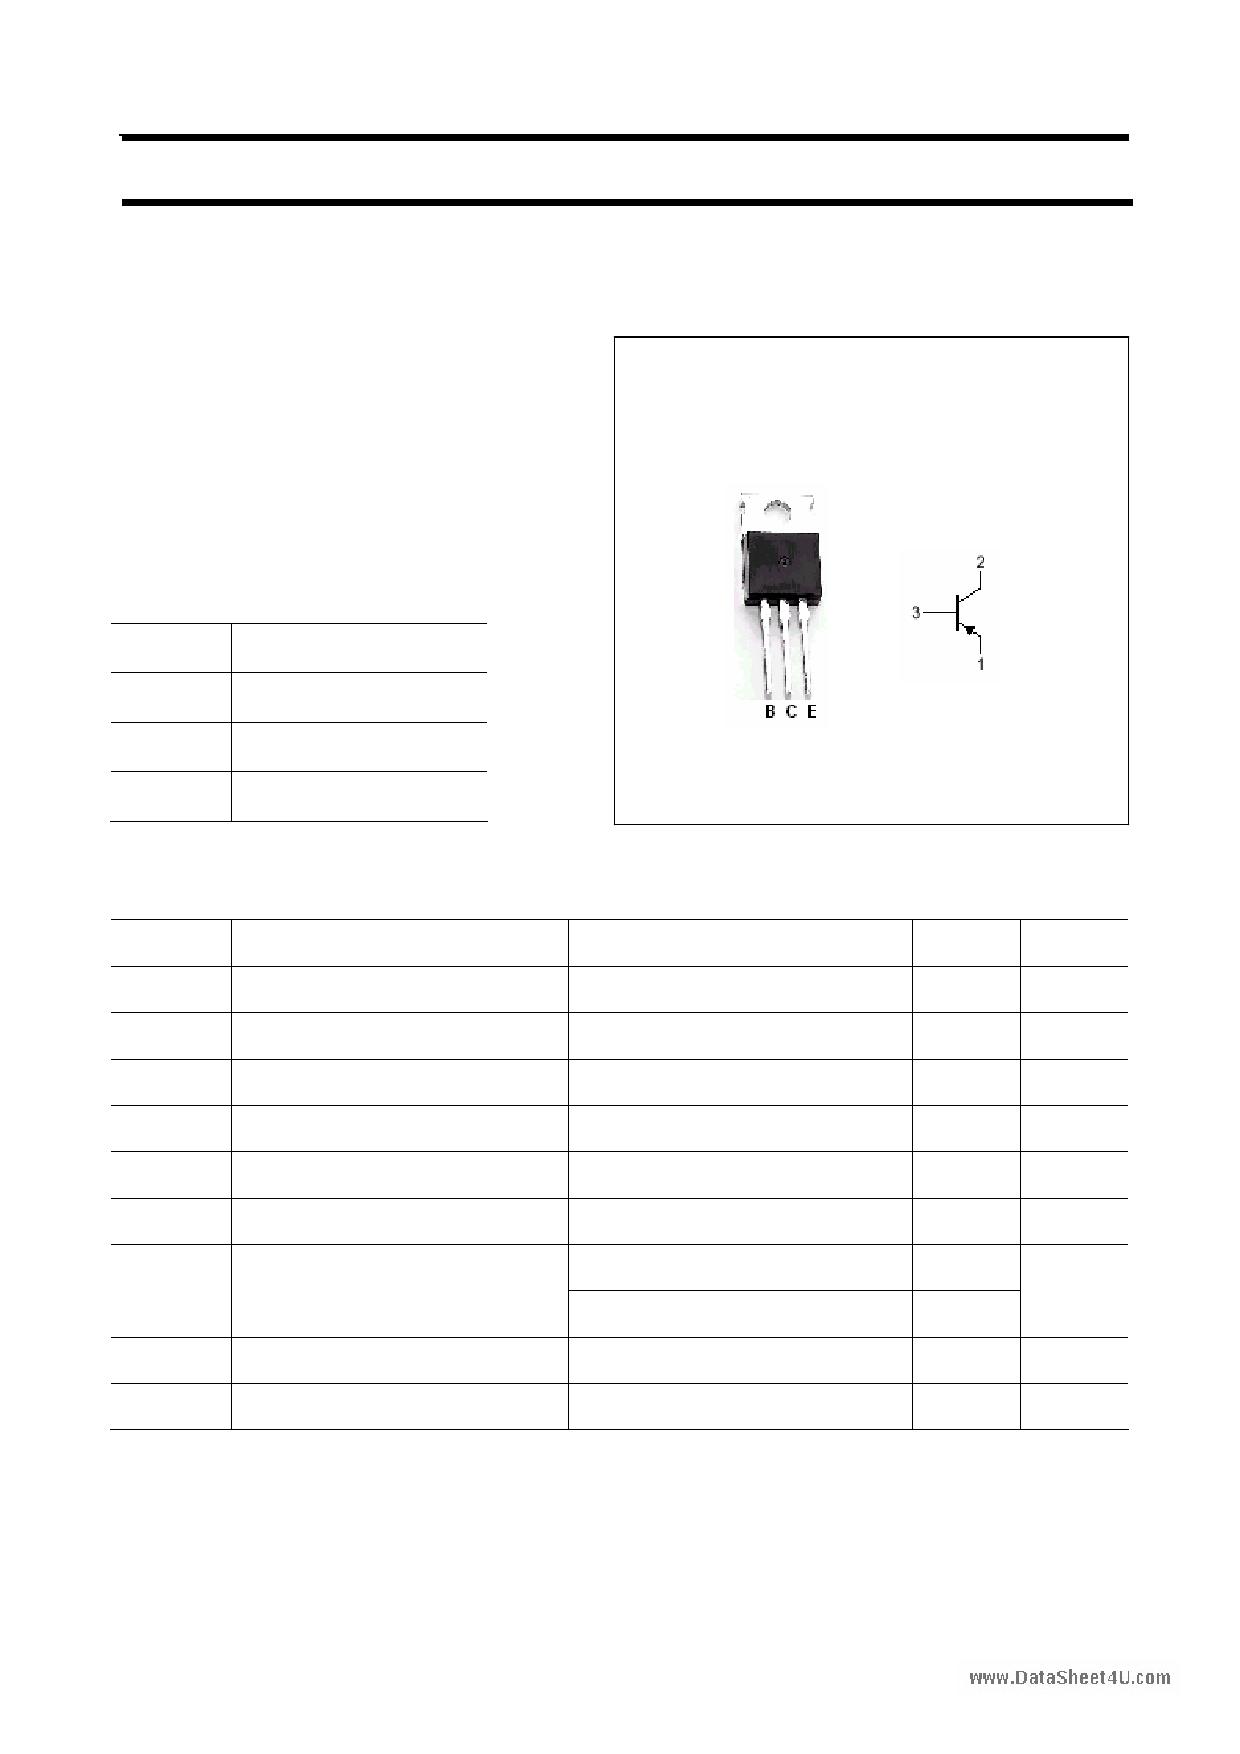 A1008 Datasheet, A1008 PDF,ピン配置, 機能